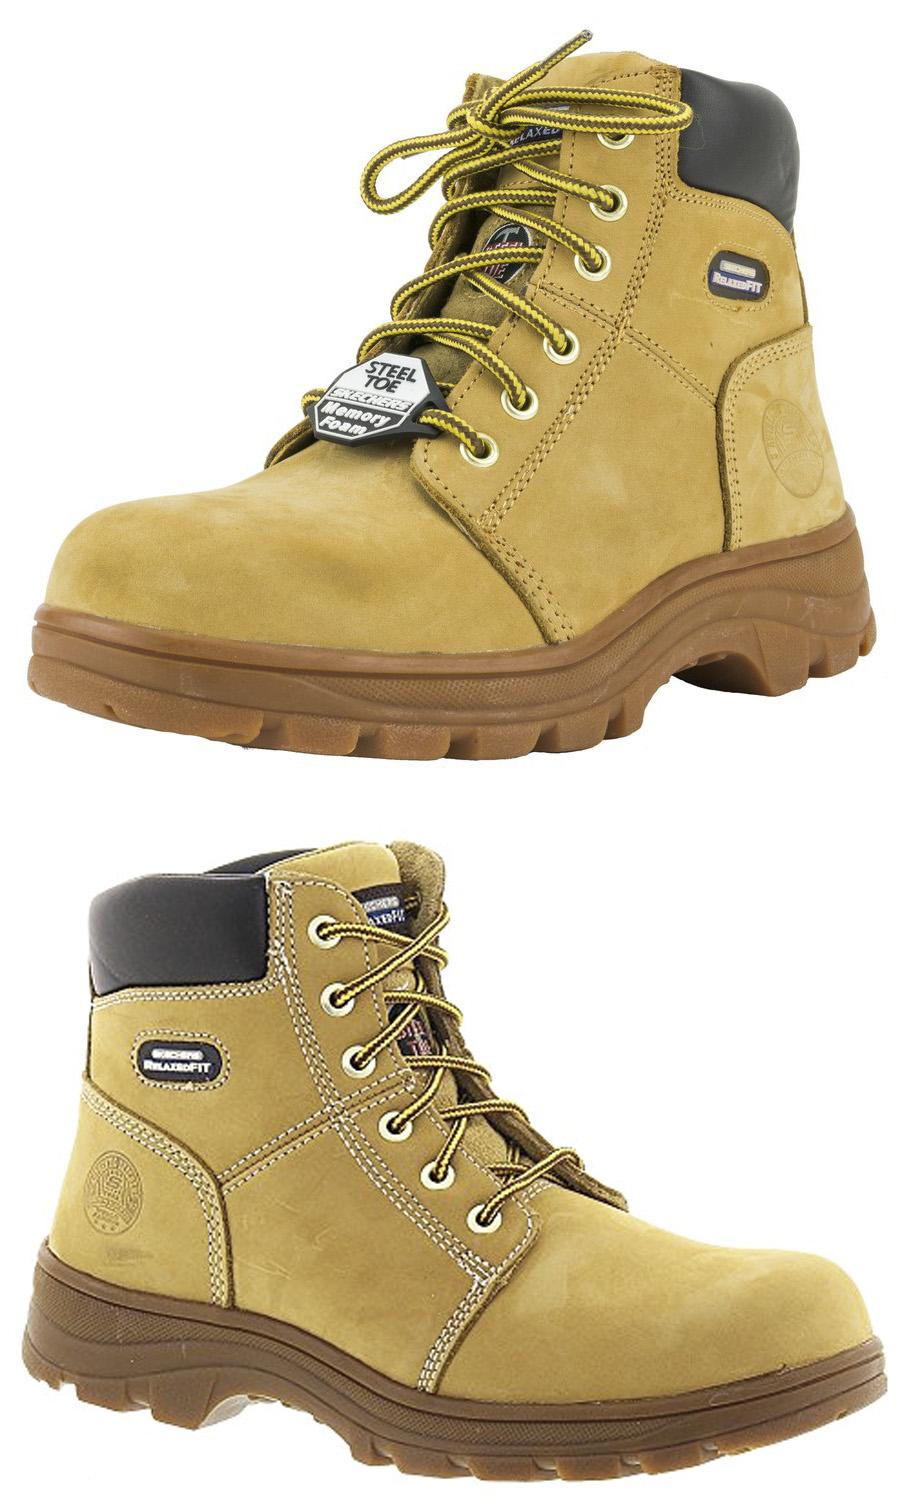 skechers composite work boots